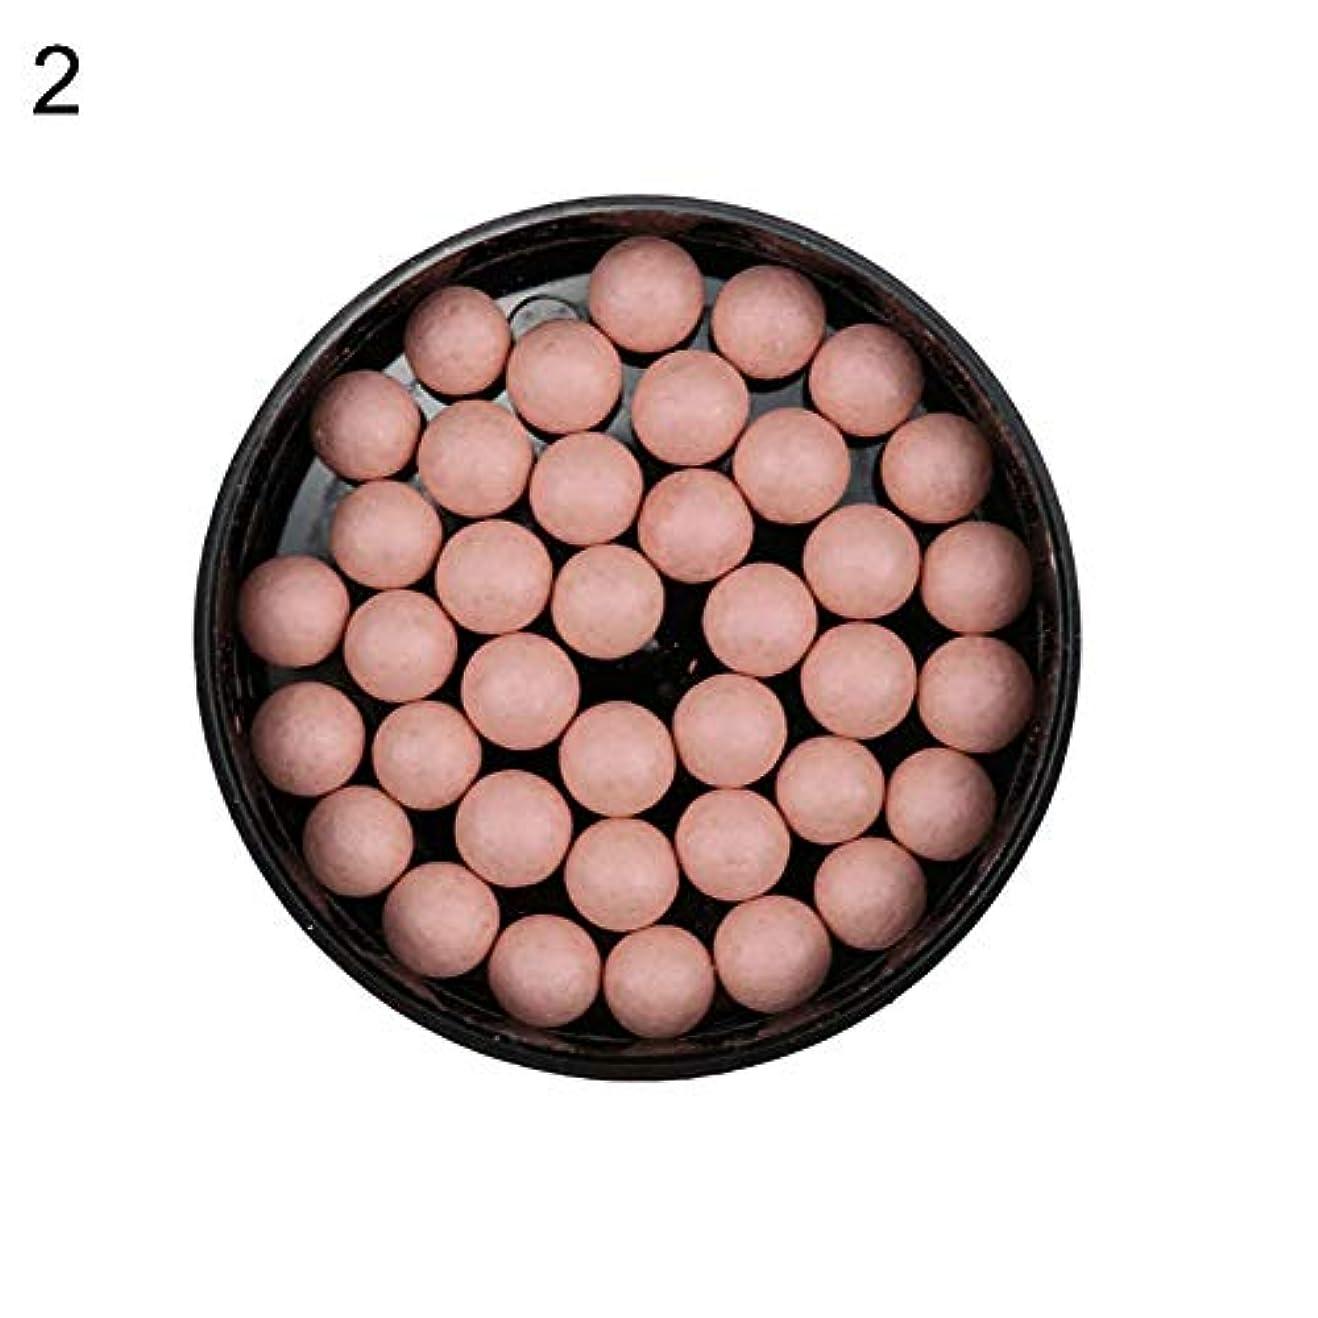 ビーム同等のエアコン赤面ボールフェイスファンデーションシェーディングパウダーブロンザーアイシャドー輪郭化粧品 - 2